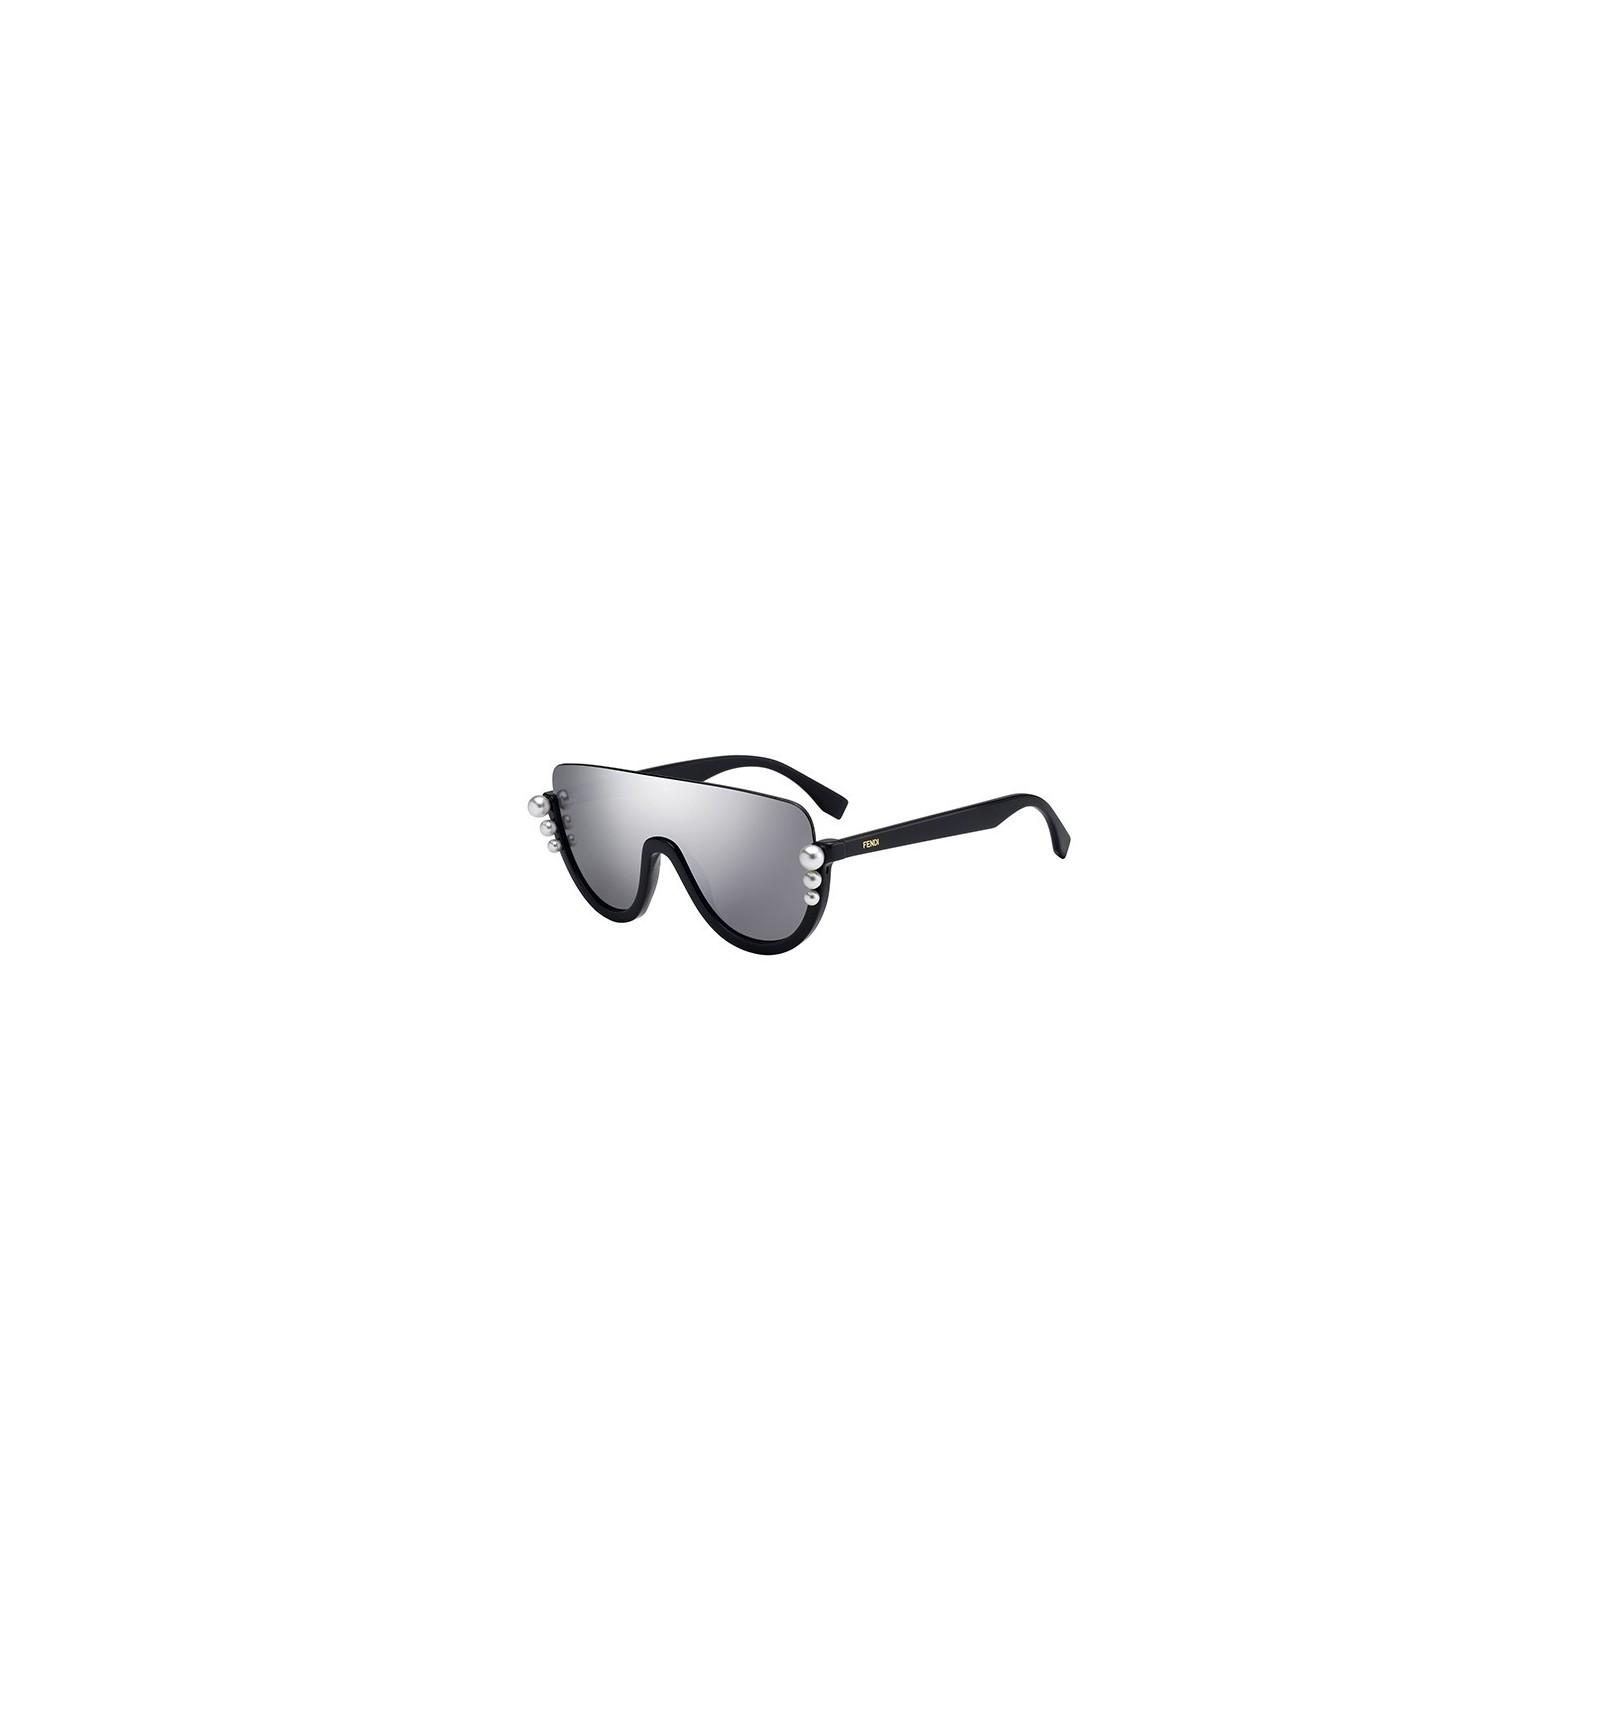 6182fb5980 Gafas de sol Fendi Ribbons and Pearls Black - Grey. Compra Online